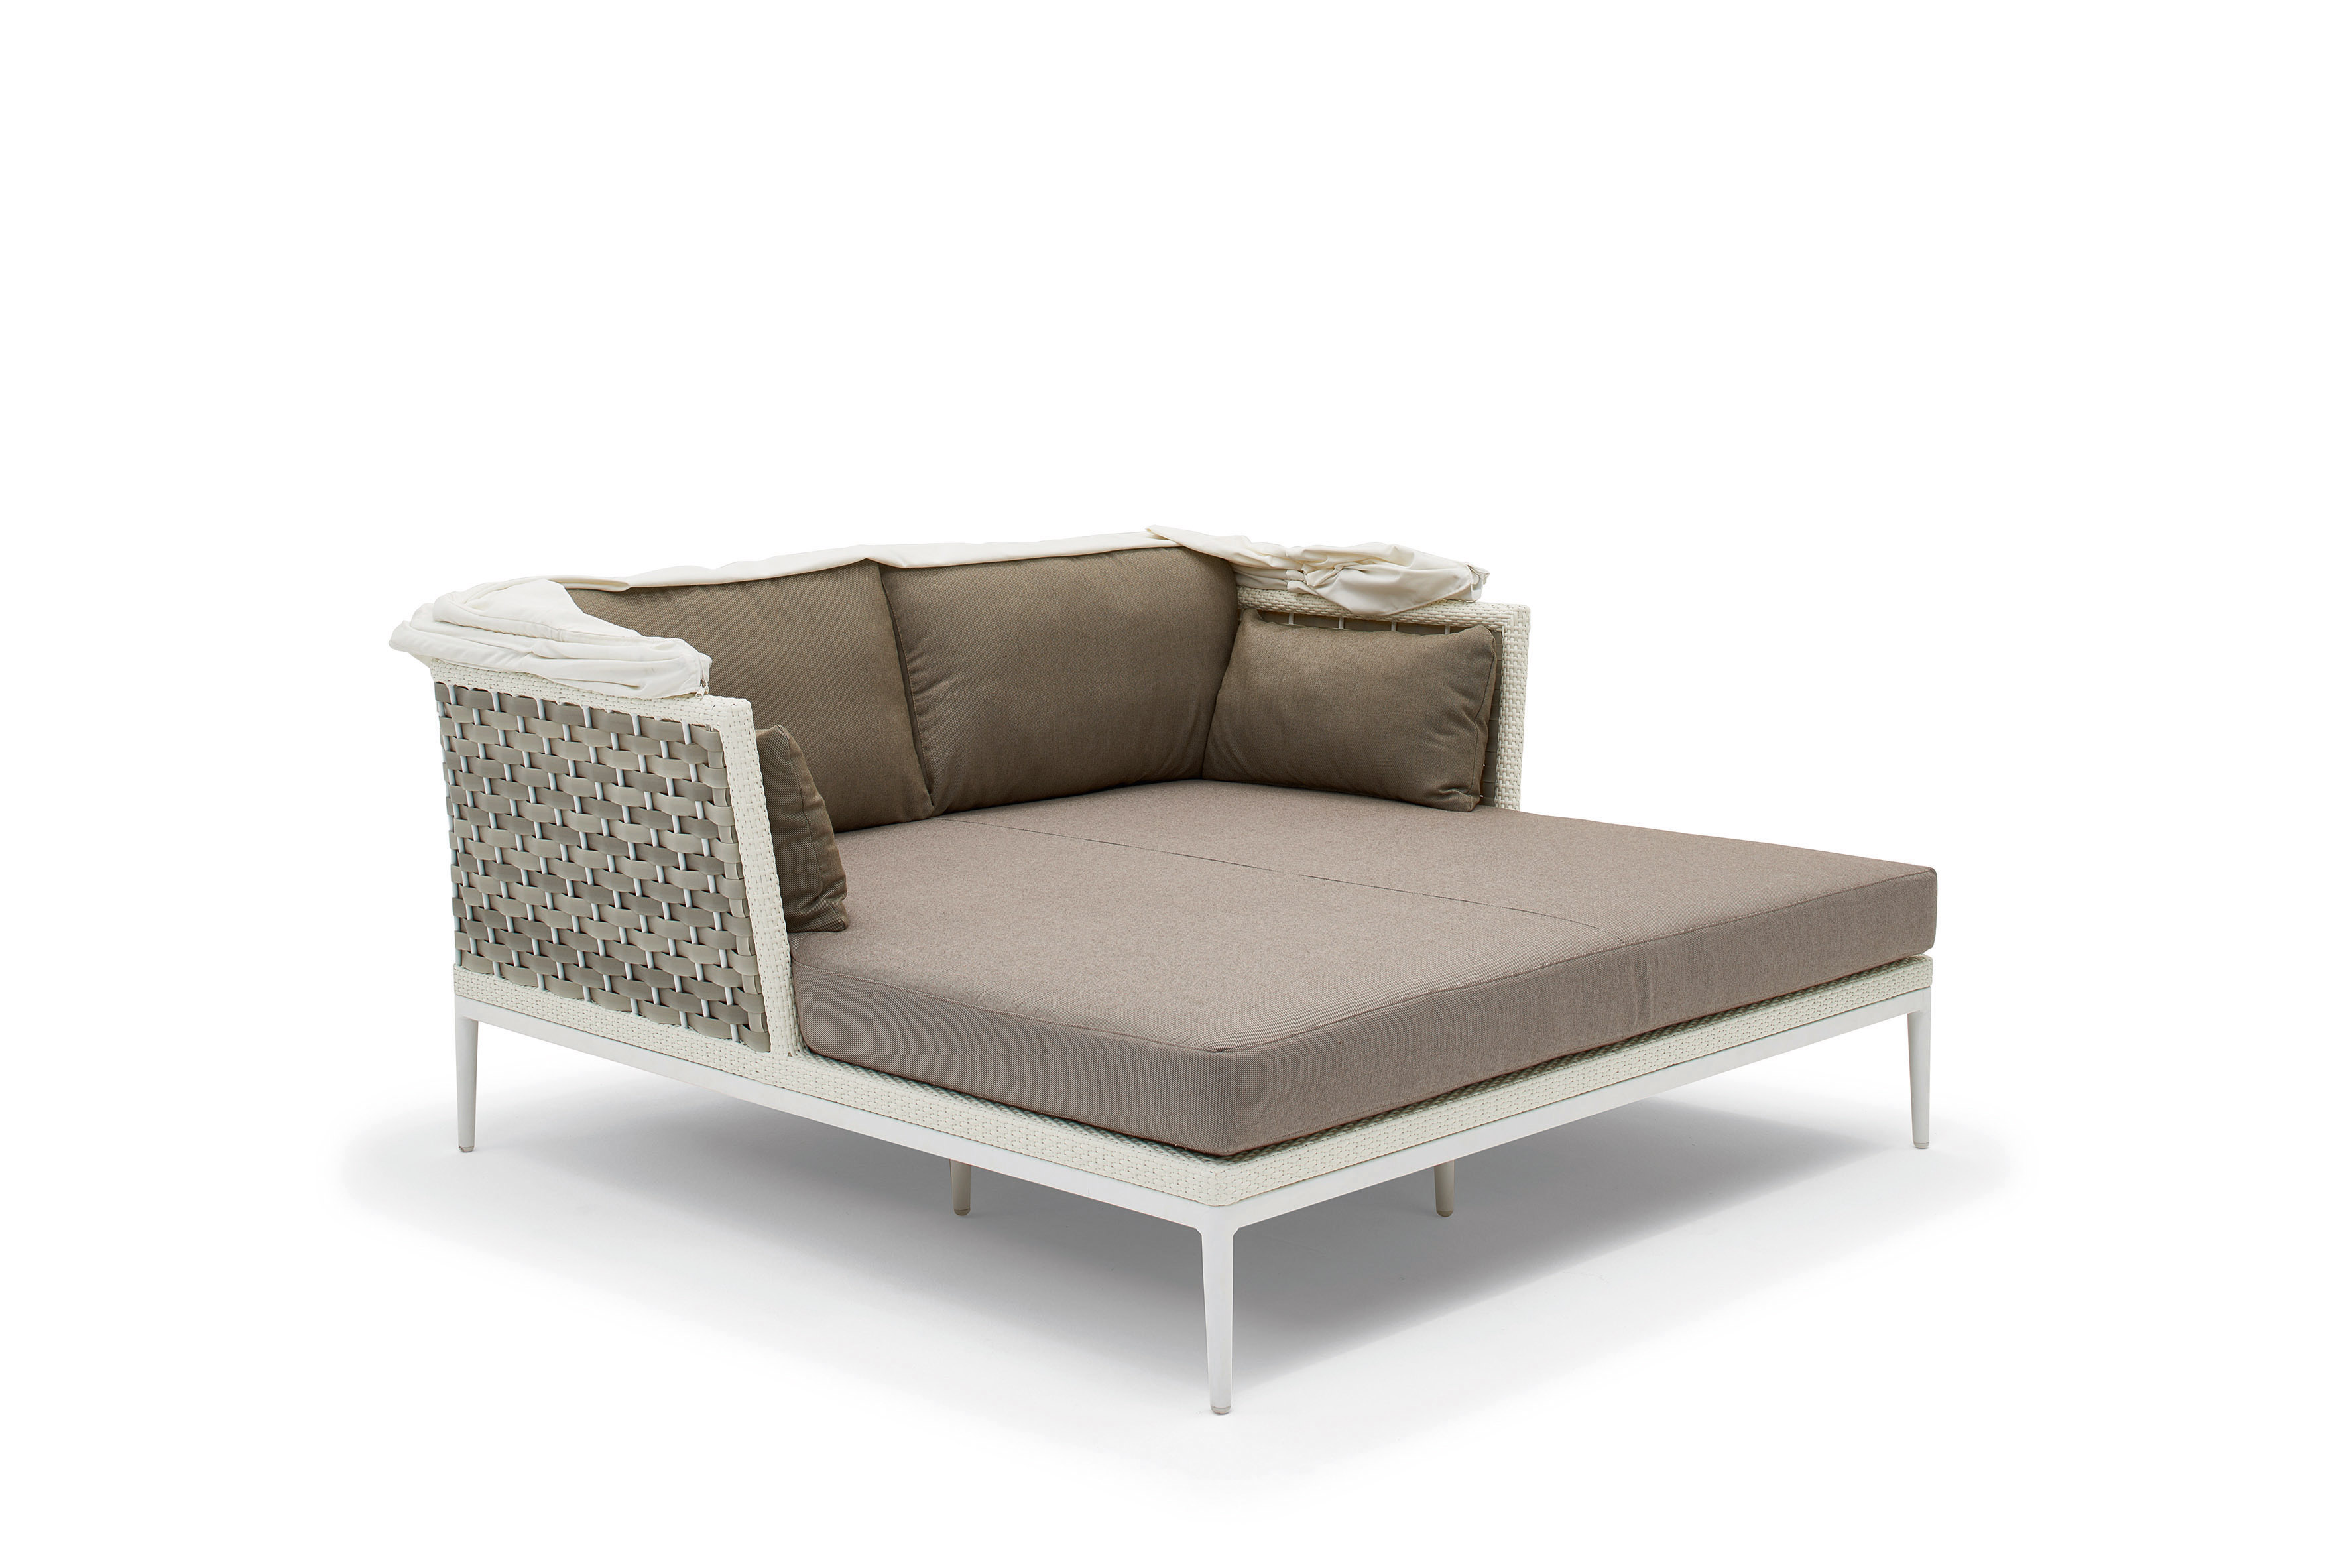 Divano letto da giardino in fibra sintetica intrecciata a - Letto da giardino ...